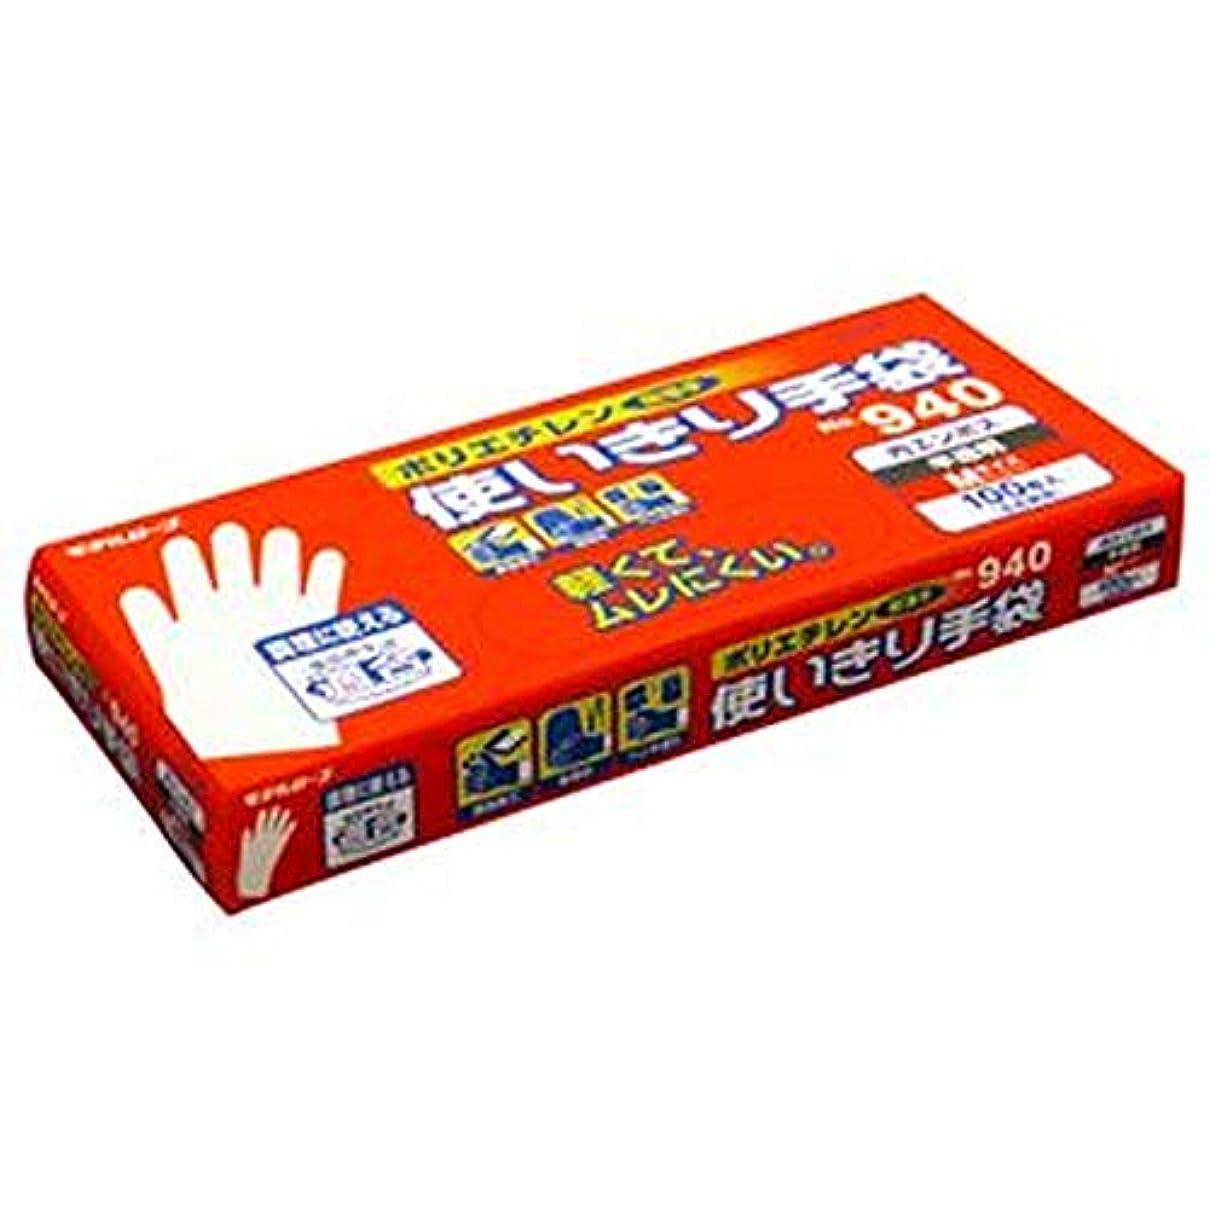 ルールガイド診療所- まとめ - / エステー/No.940 / ポリエチレン使いきり手袋 - 内エンボス - / M / 1箱 - 100枚 - / - ×10セット -